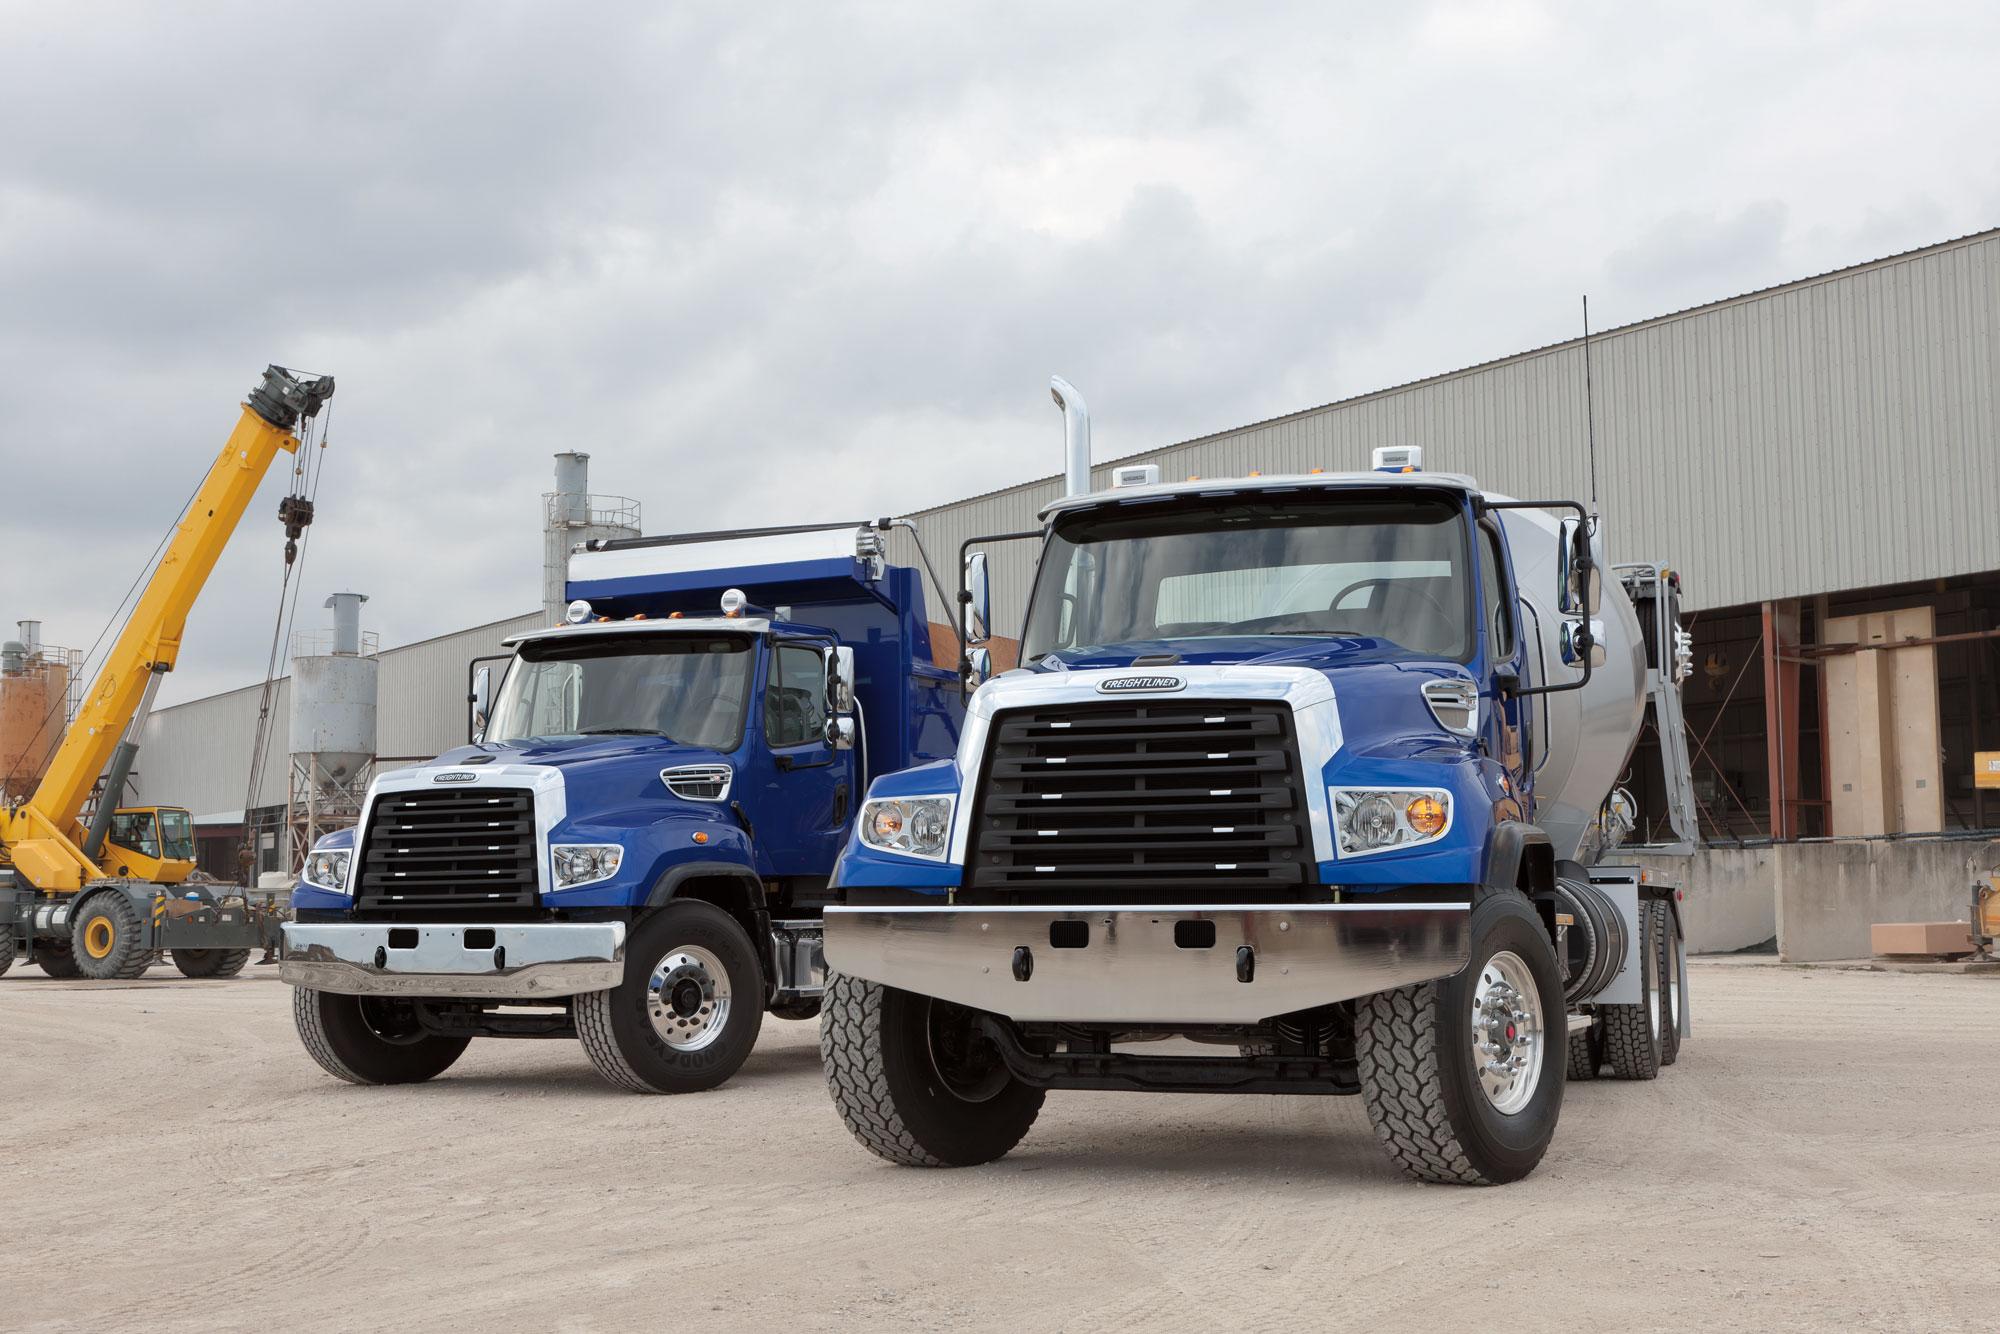 114SD Trucks